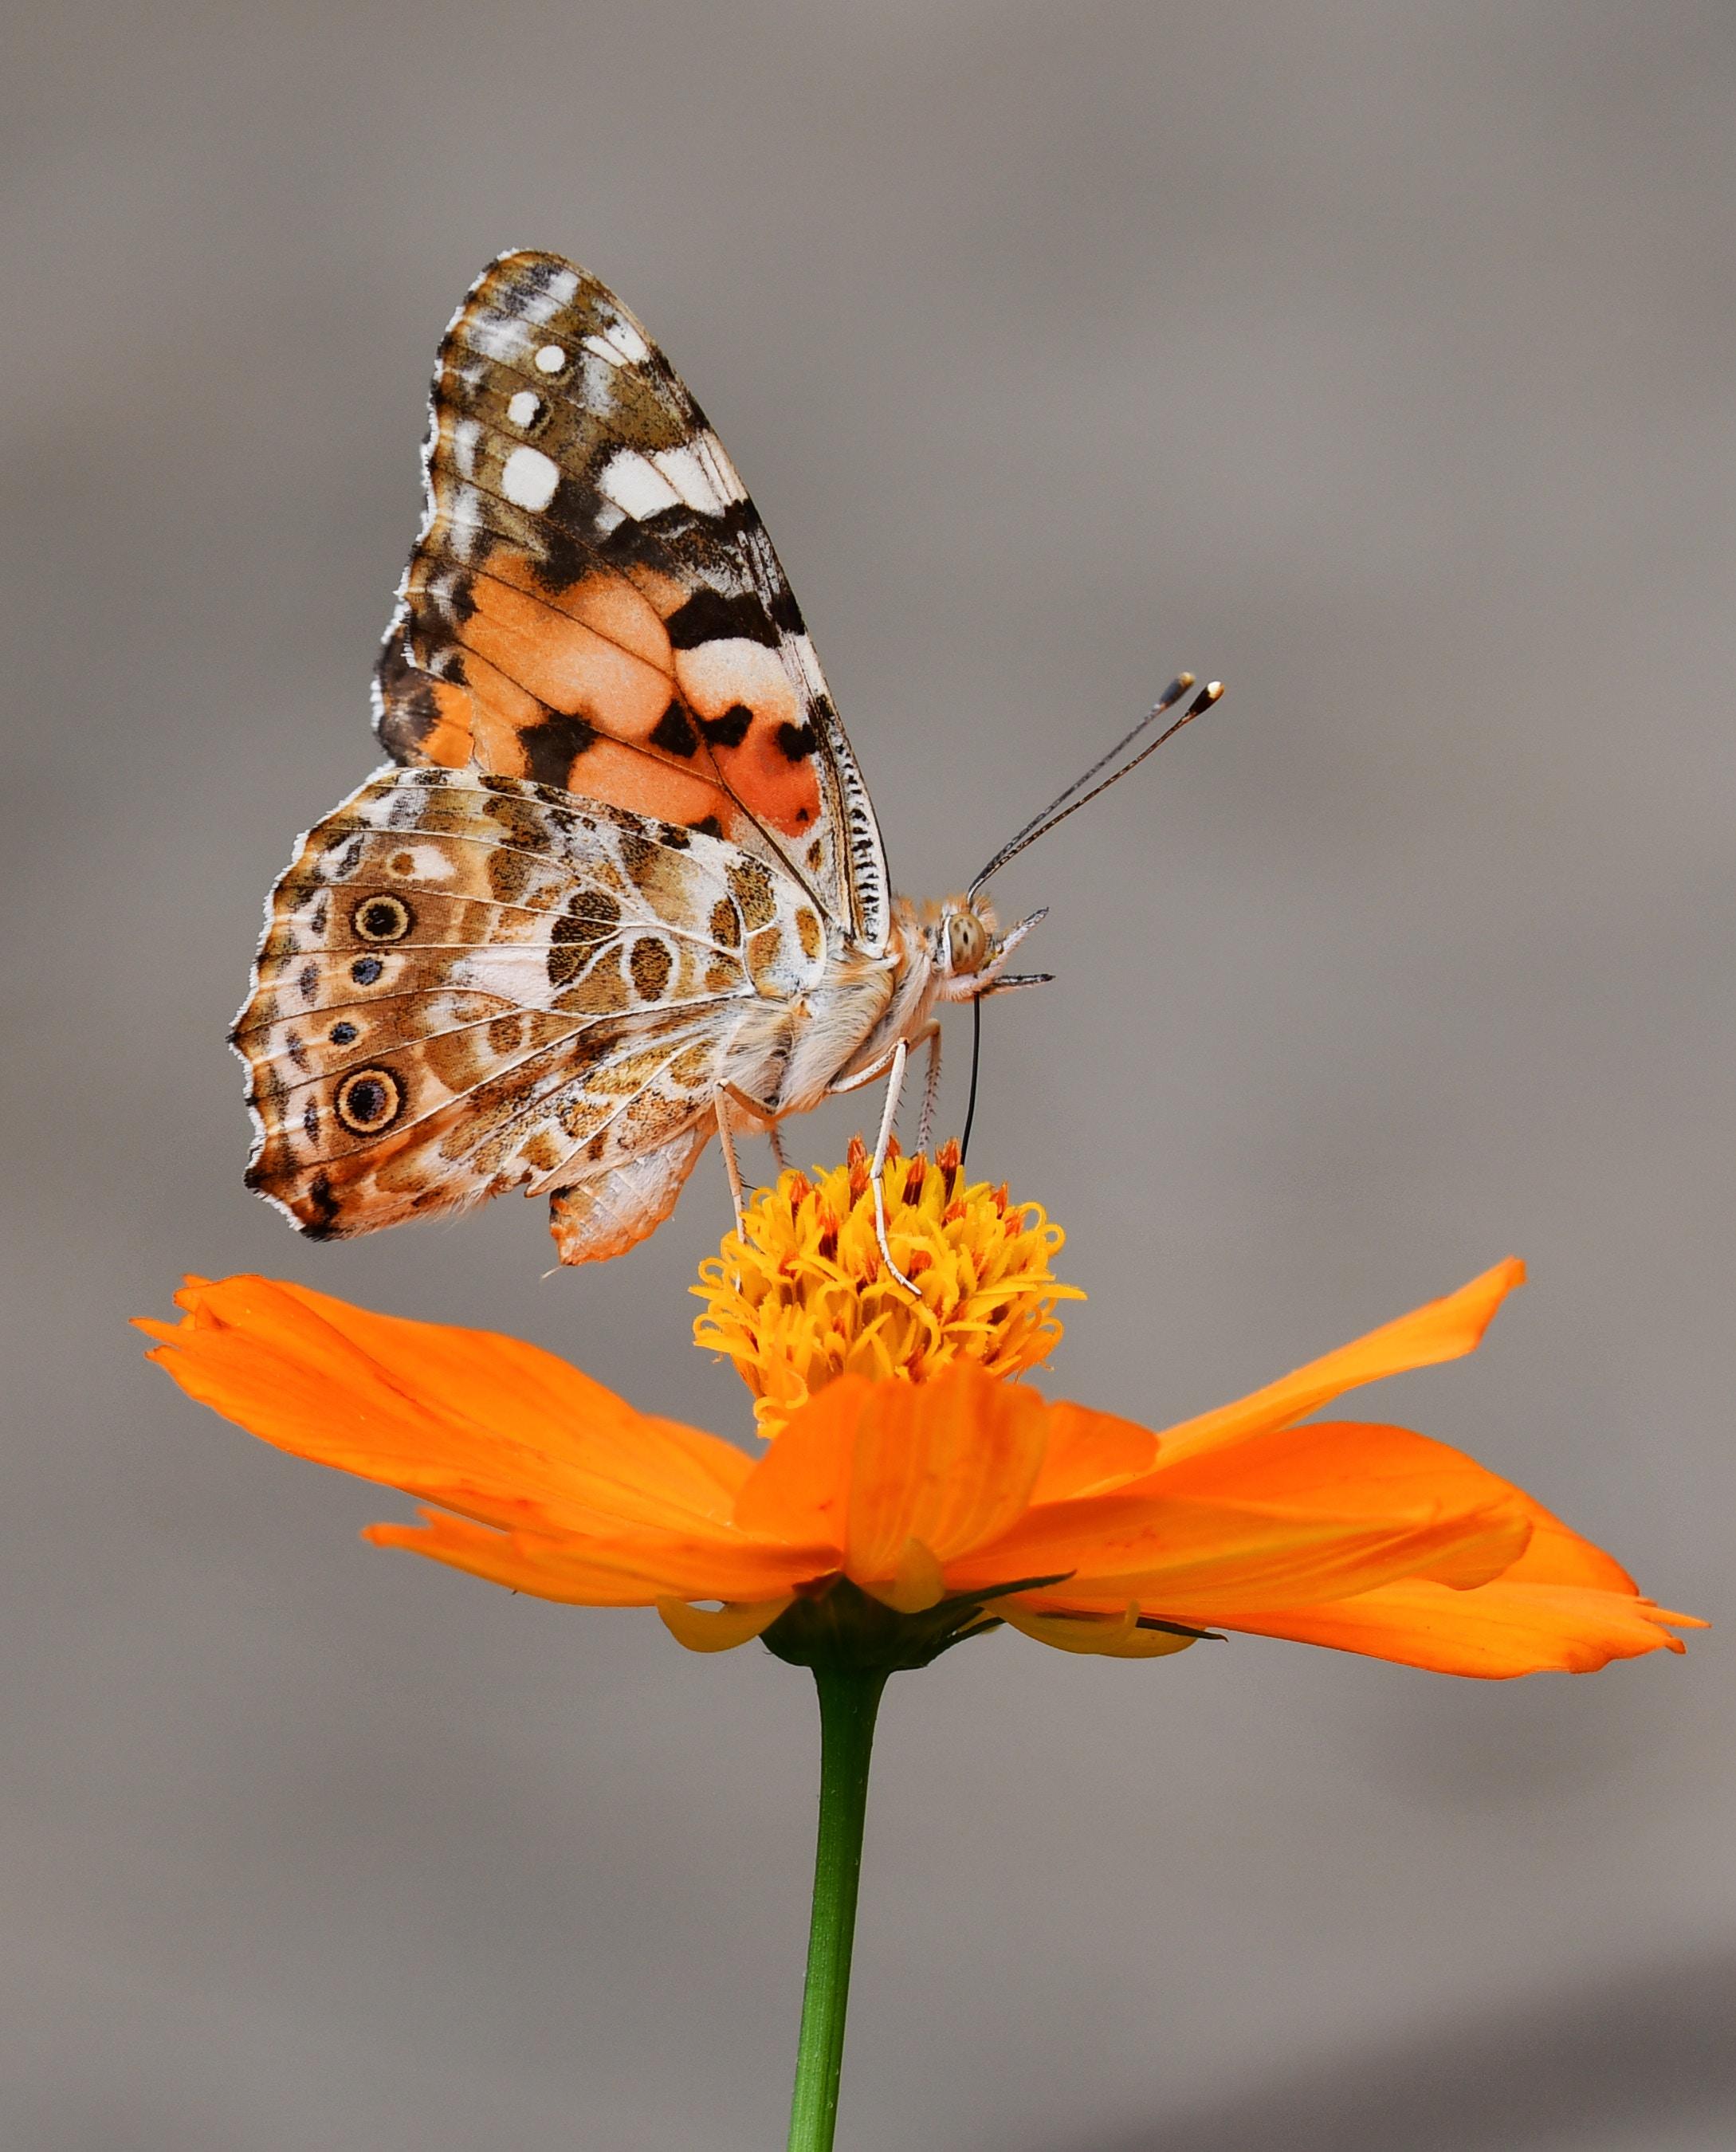 """蝶,通称为""""蝴蝶,节肢动物门,昆虫纲,鳞翅目,锤角亚目动物的统称."""